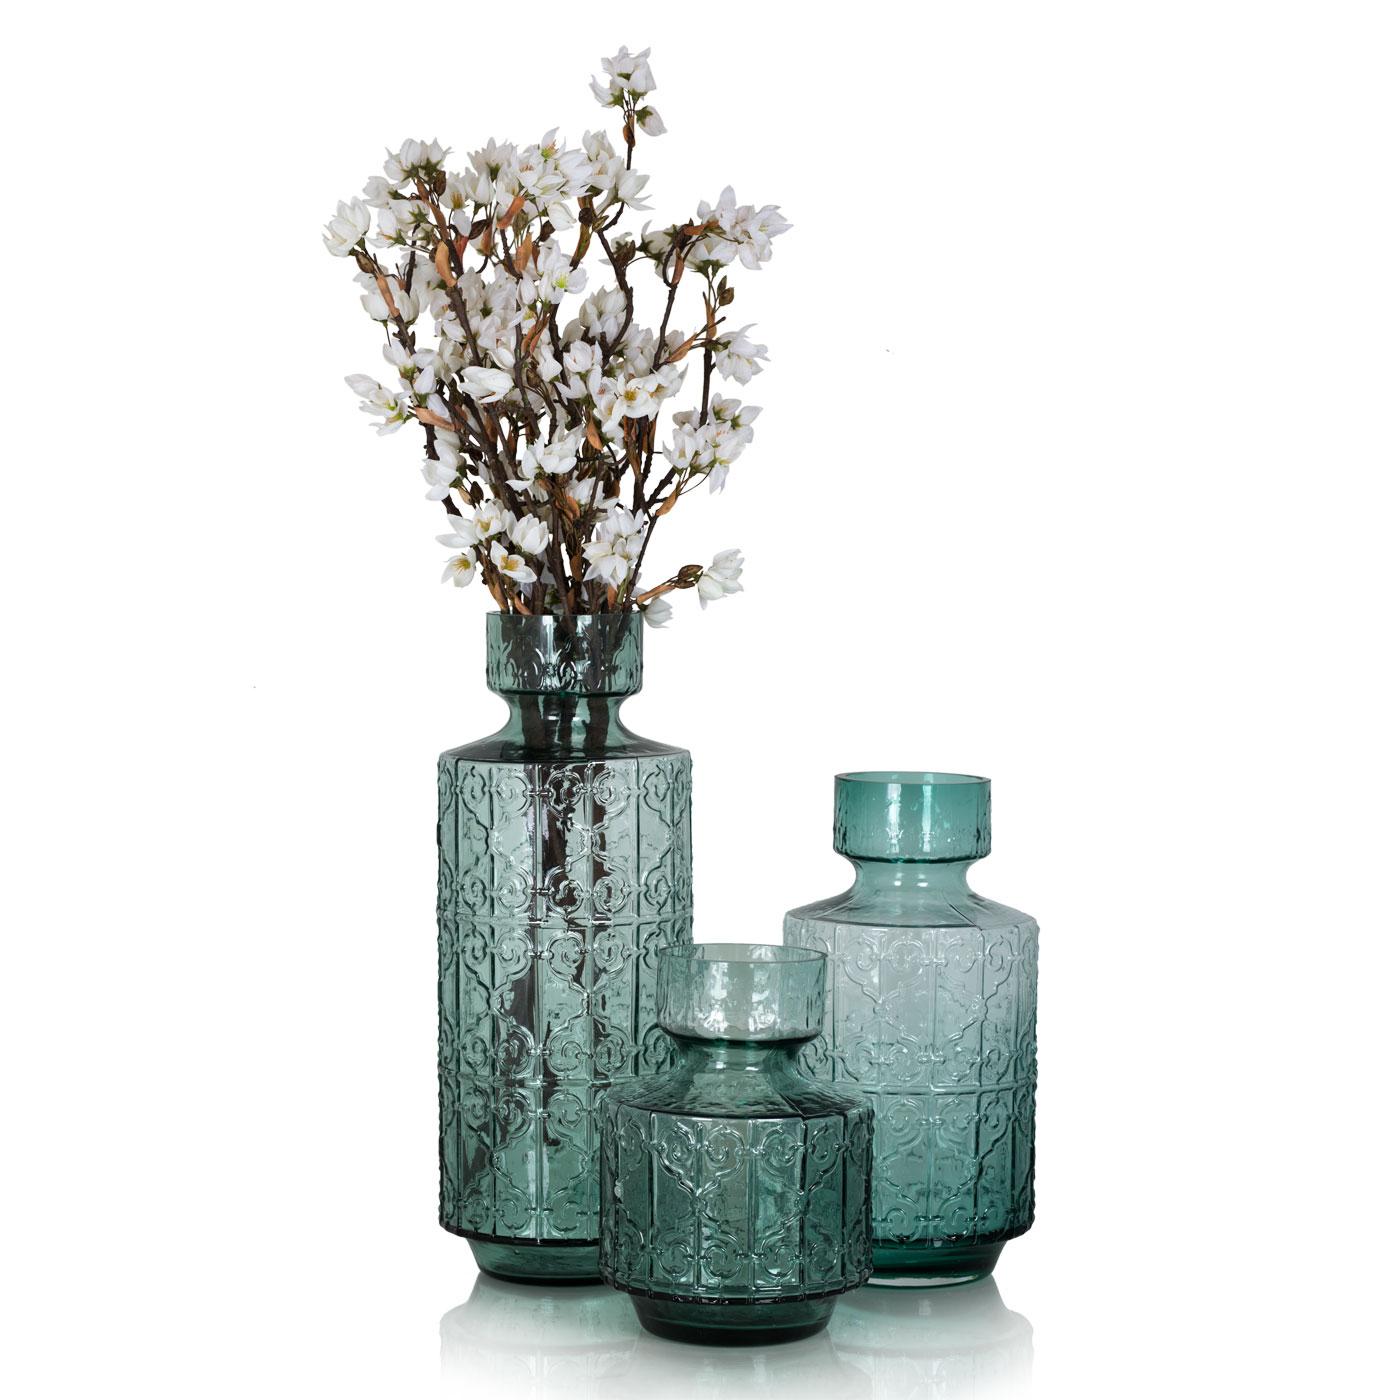 Купить Вазы Home Philosophy, Ваза Granada Цвет: Зеленый (14х31 см), Китай, Стекло